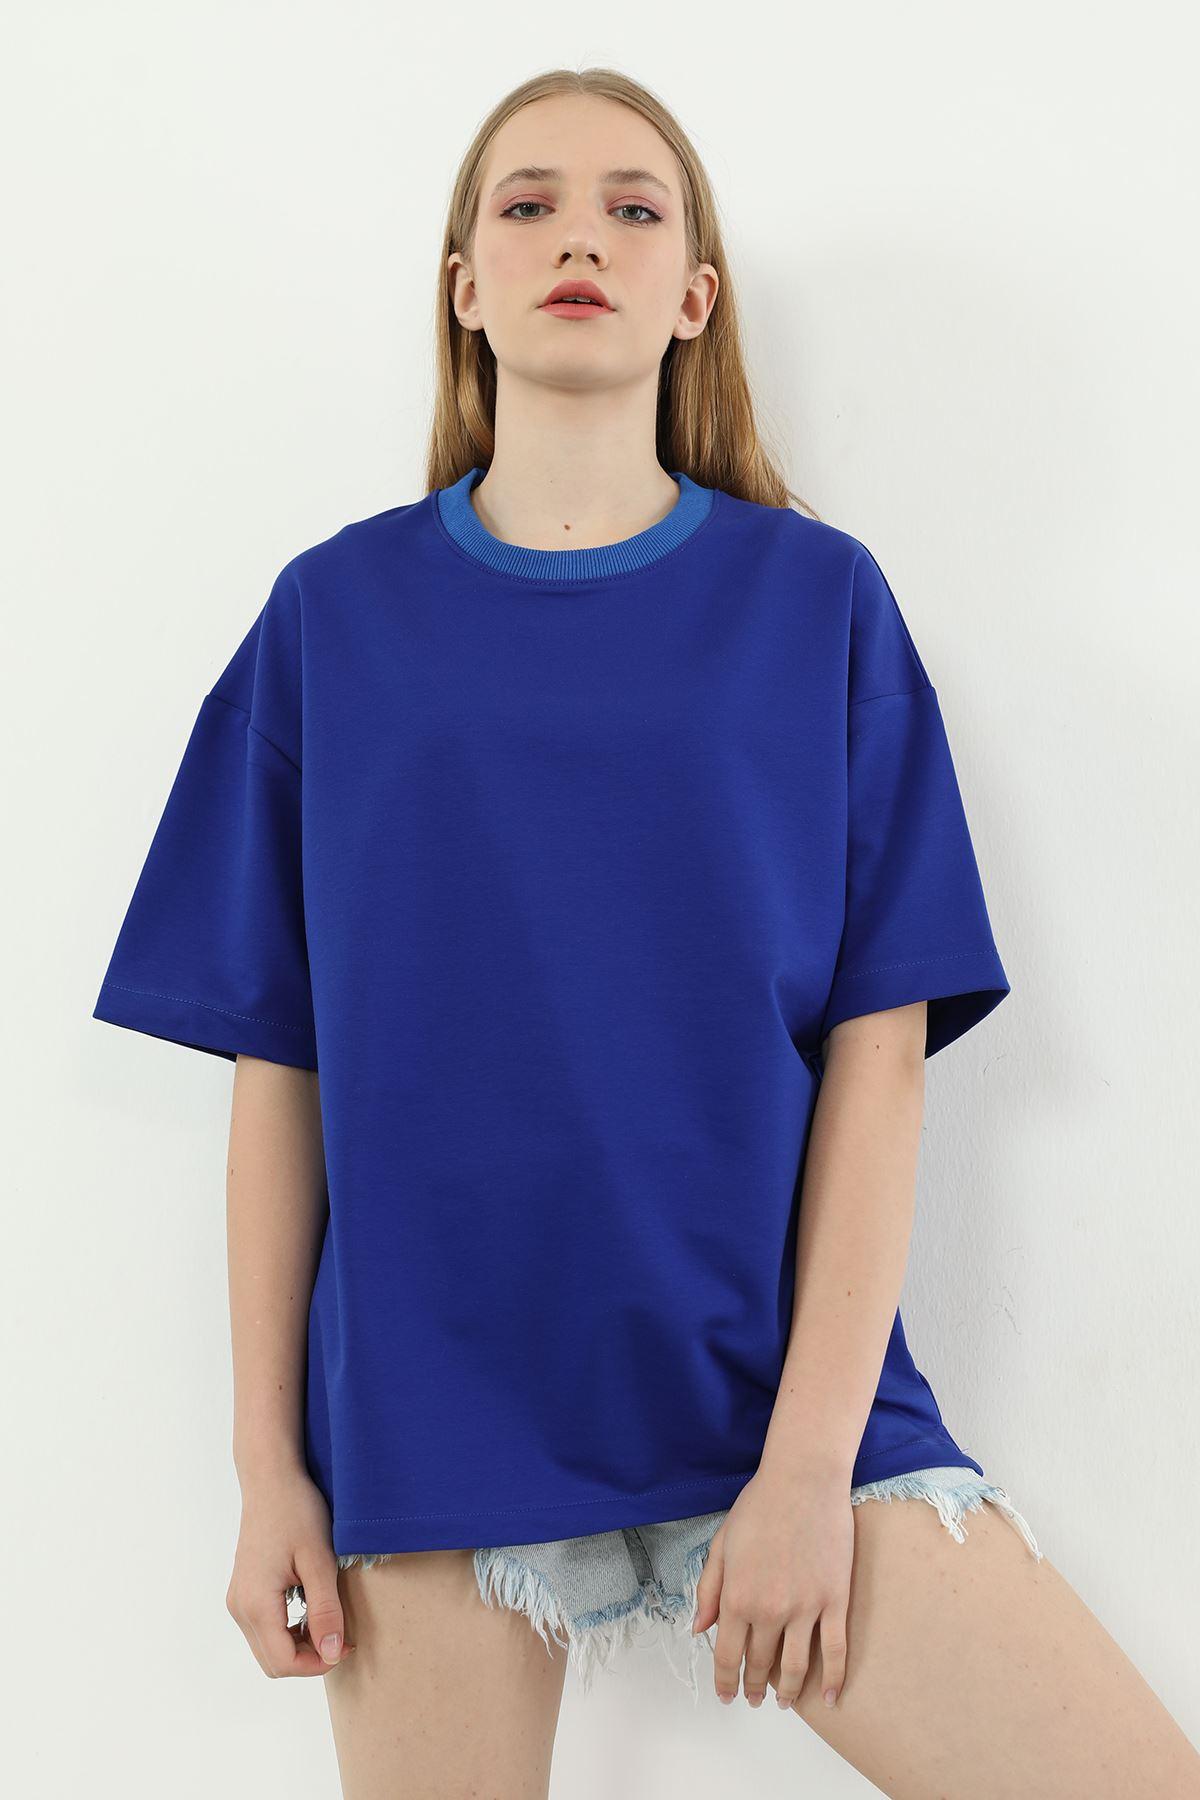 Basıc Kadın T-shirt-Saks